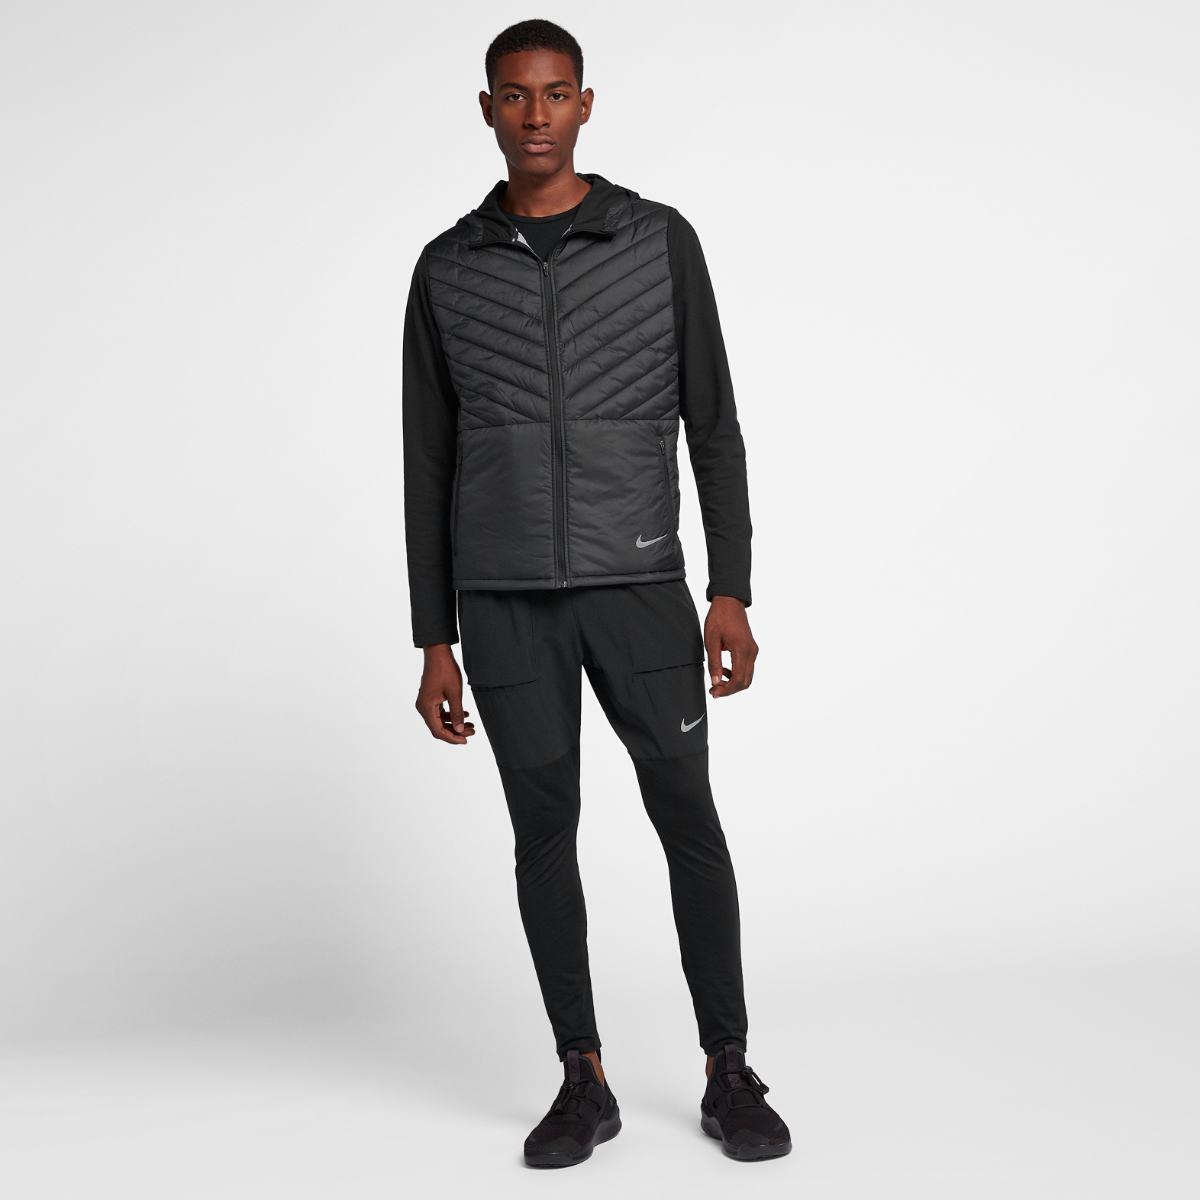 f0c6e414 Куртка NIKE M NK AROLYR JACKET AH0544-010 купить | deltasport.ua